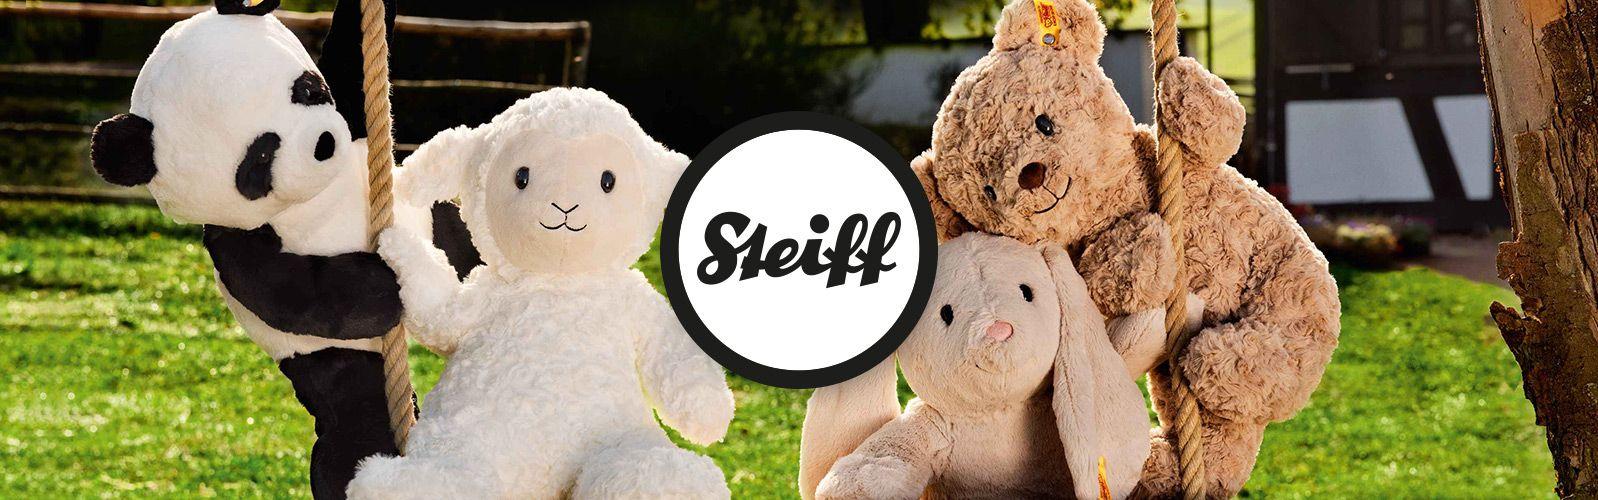 STEIFF Kuscheltiere & Teddybären